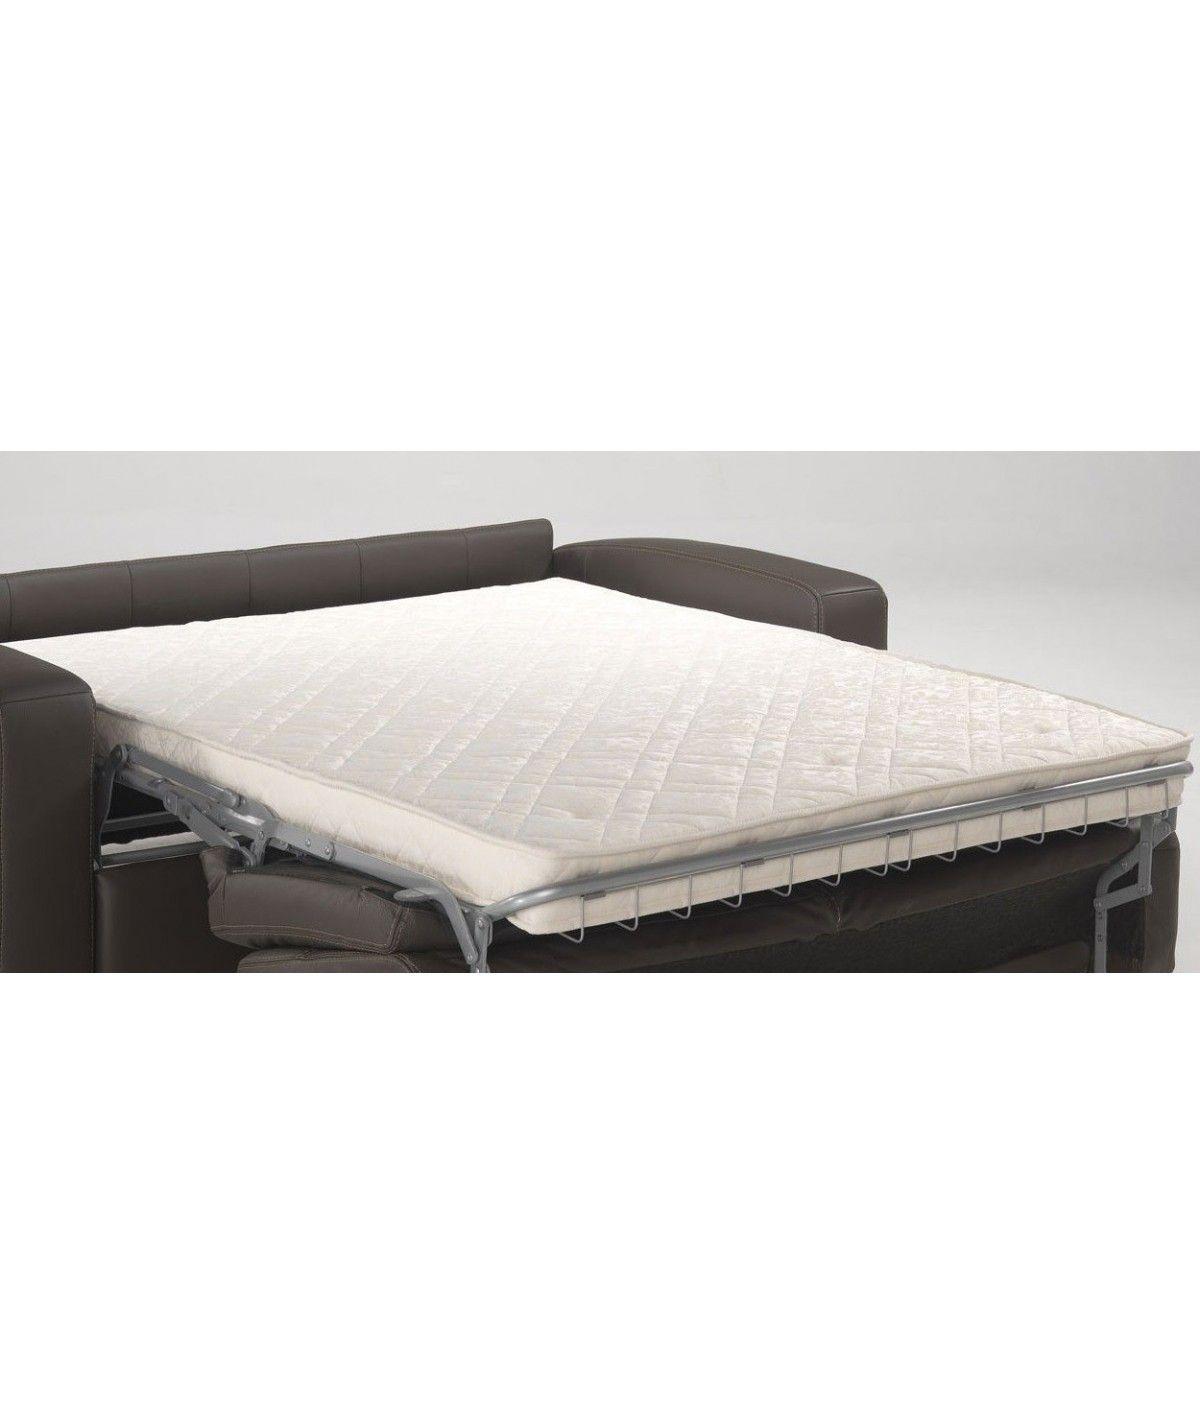 matelas canap toutes les tailles de matelas sont disponible. Black Bedroom Furniture Sets. Home Design Ideas